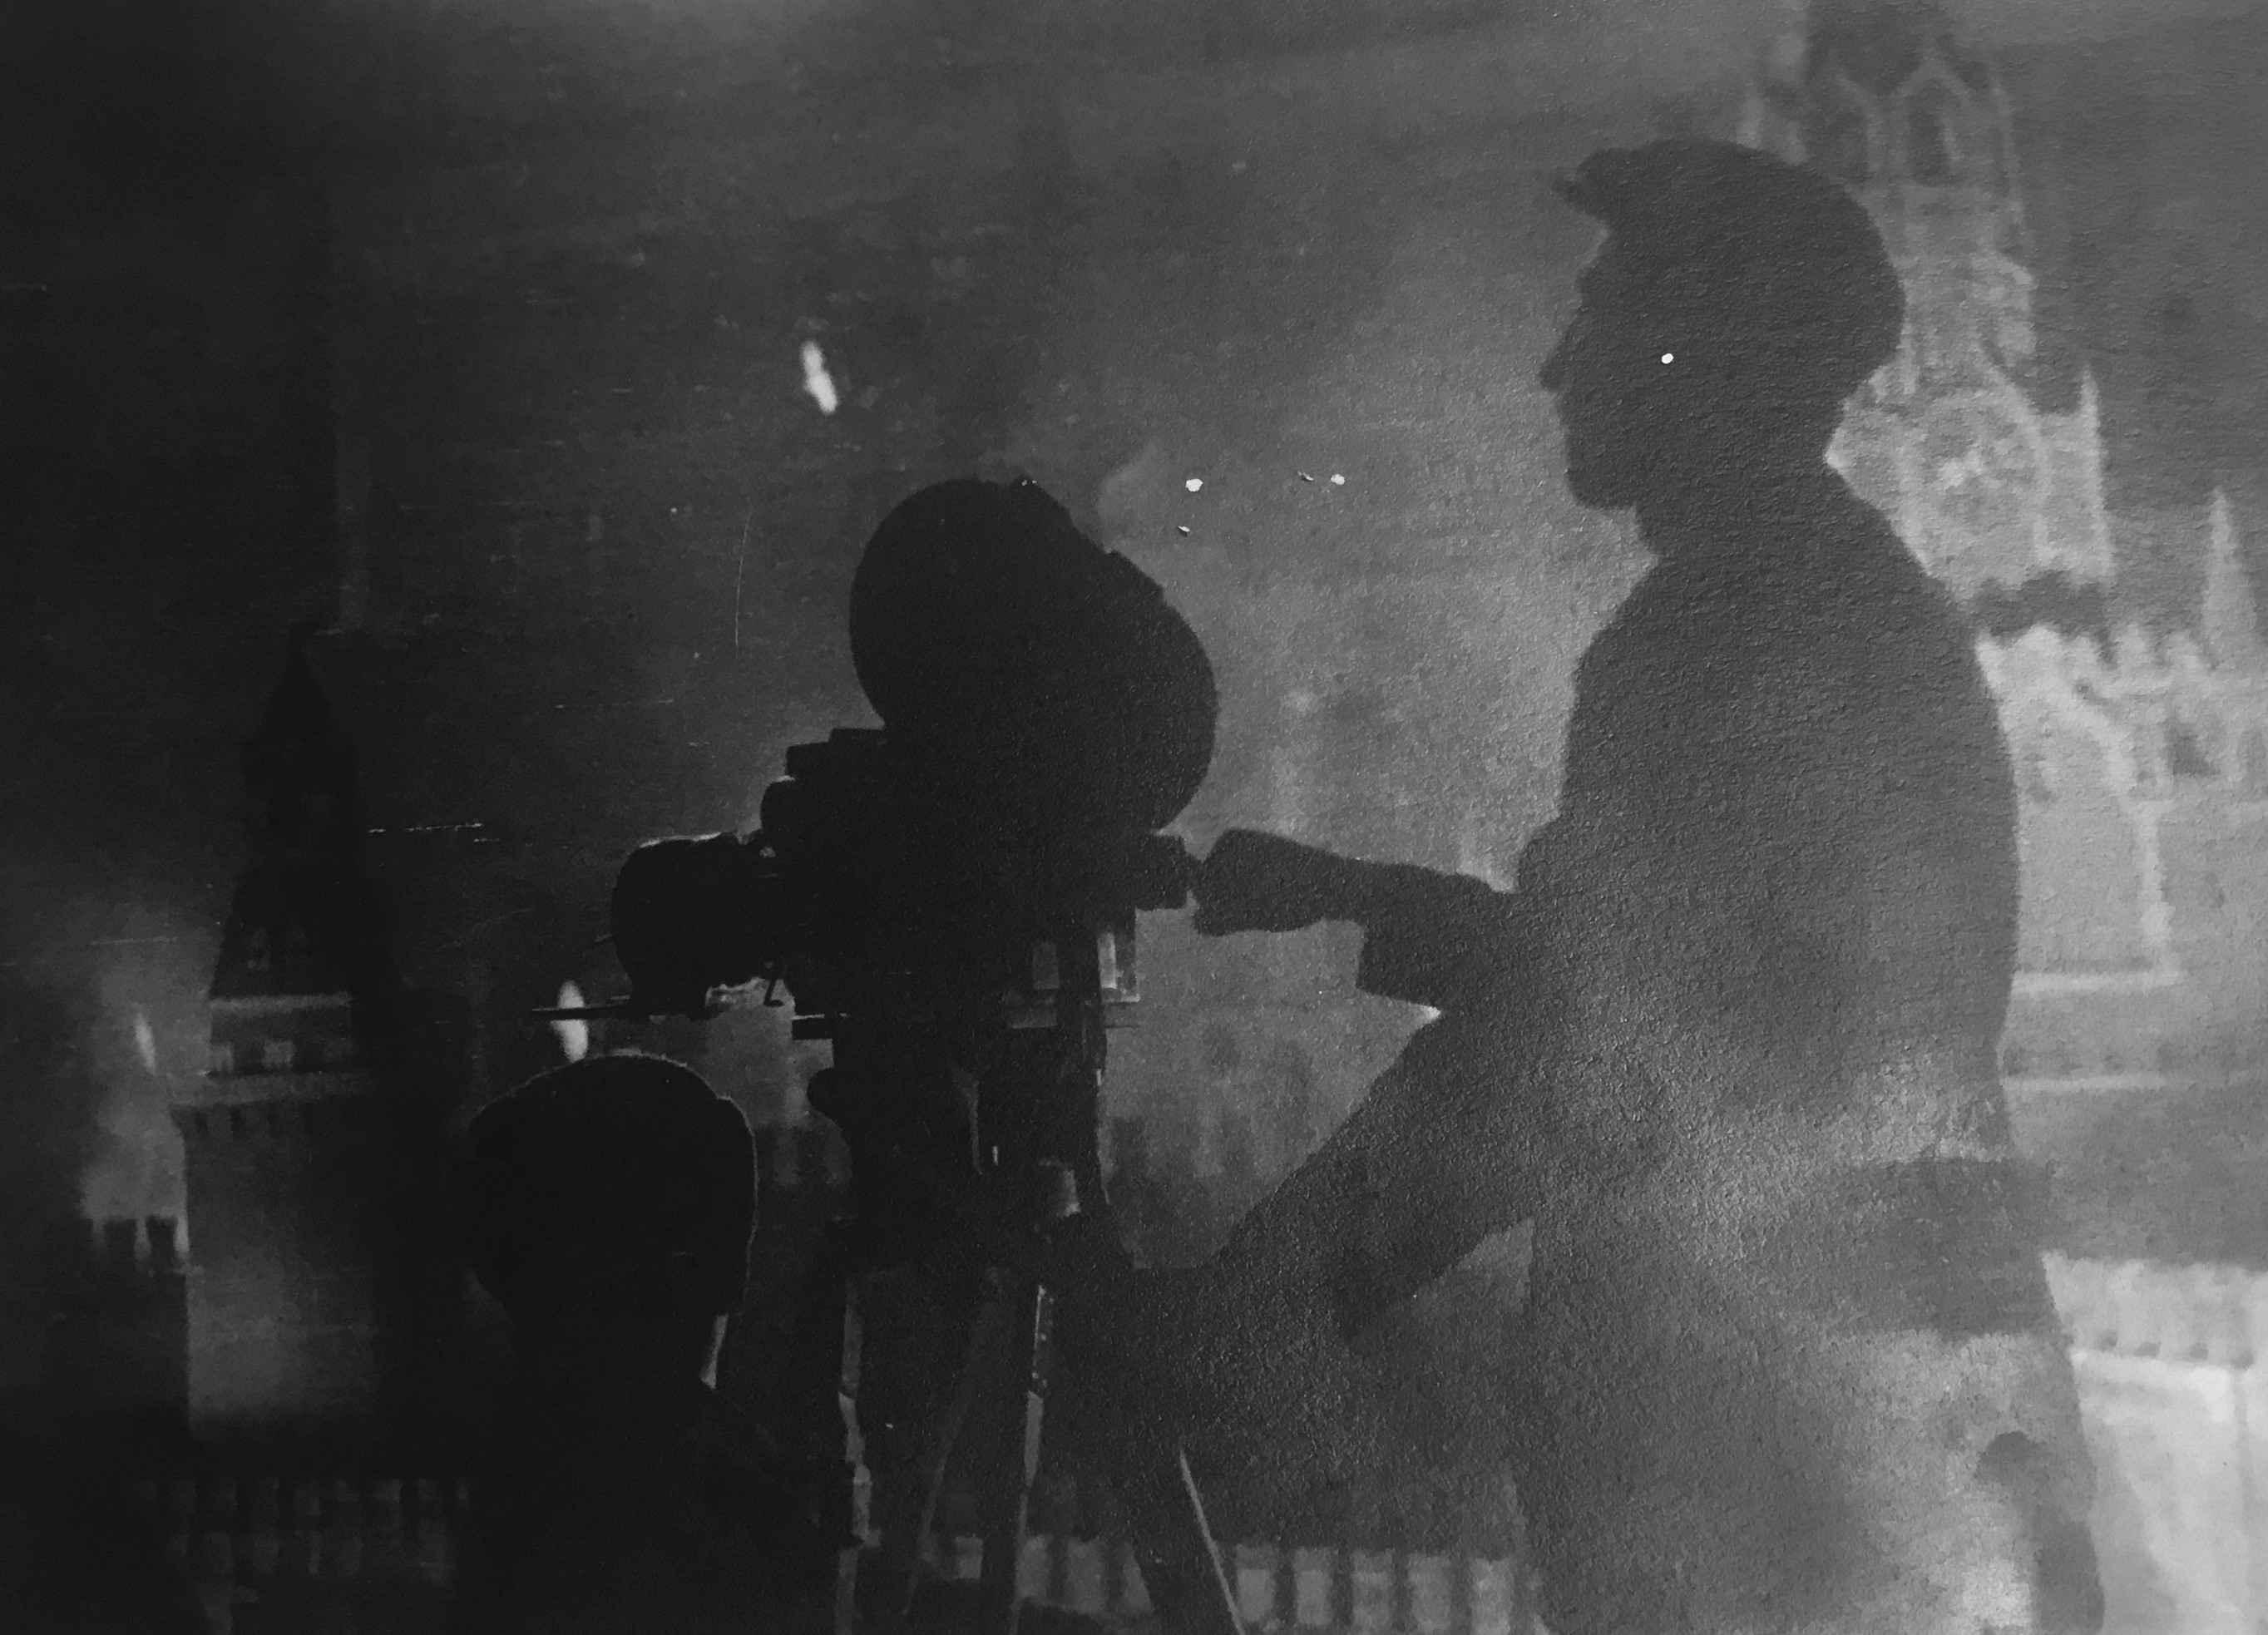 Экспонат #5. Ночная съемка на Красной площади